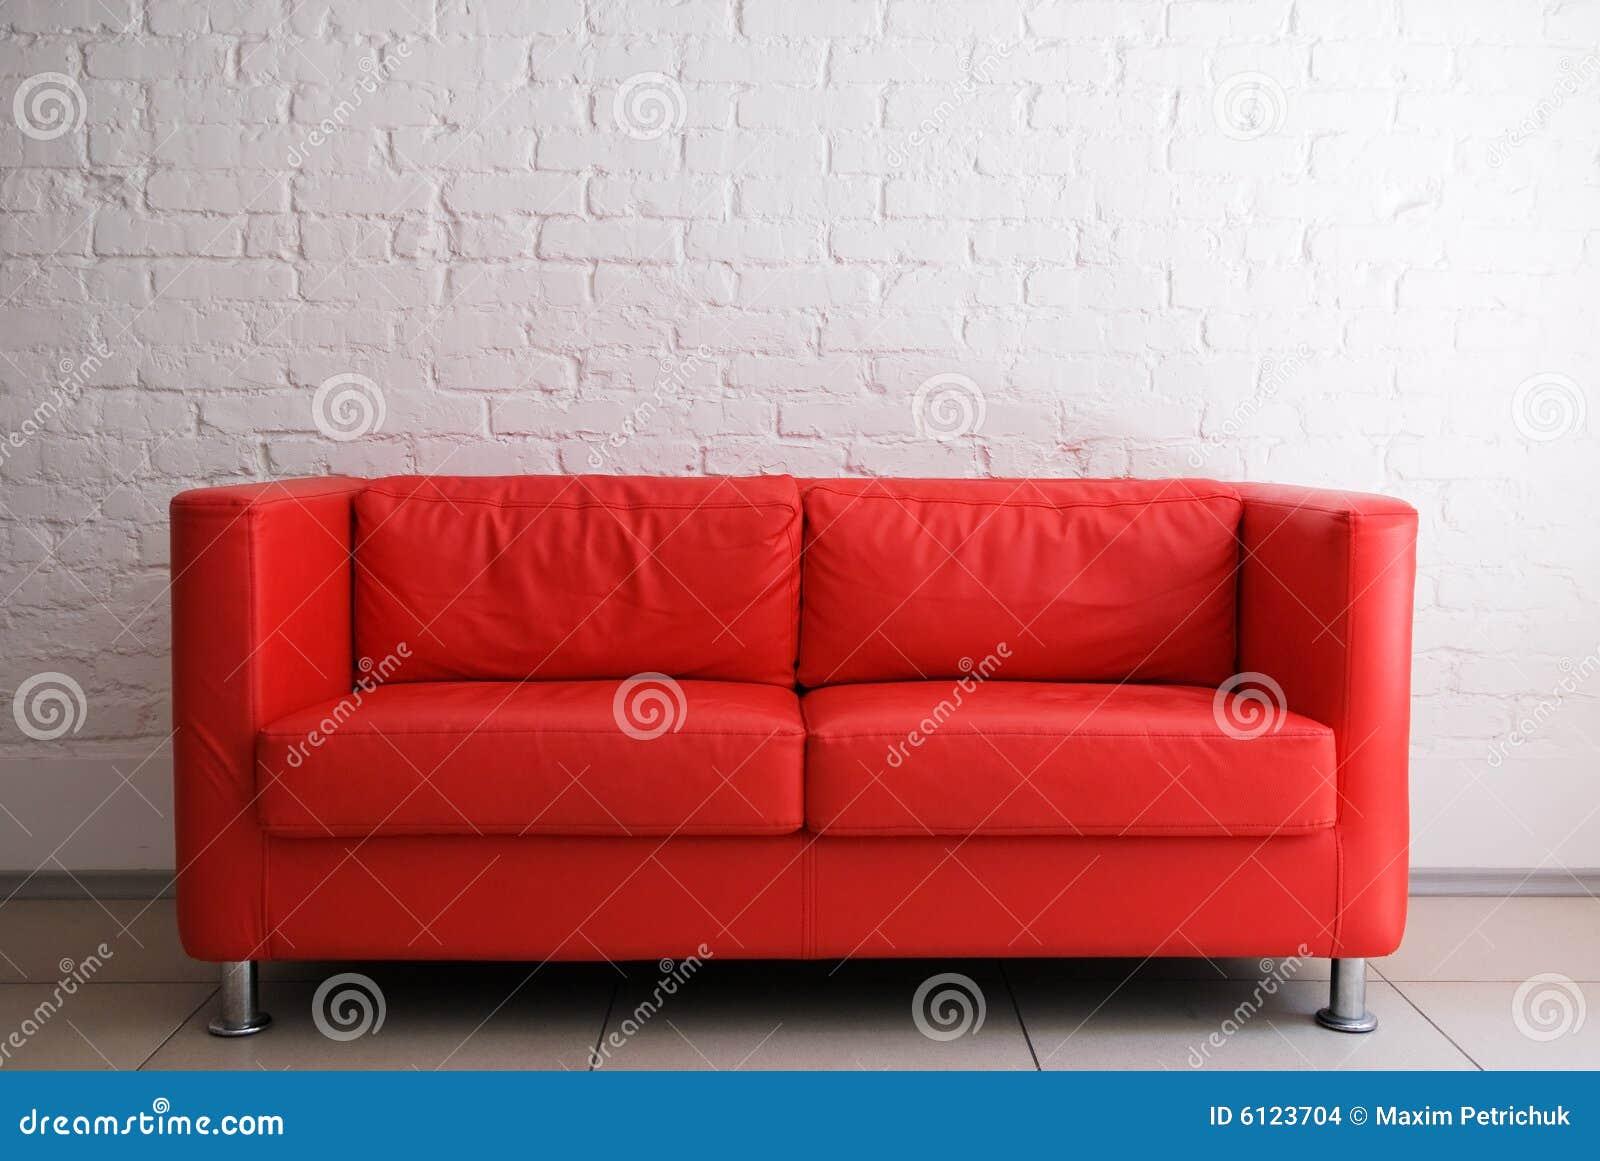 Sofà e muro di mattoni rossi